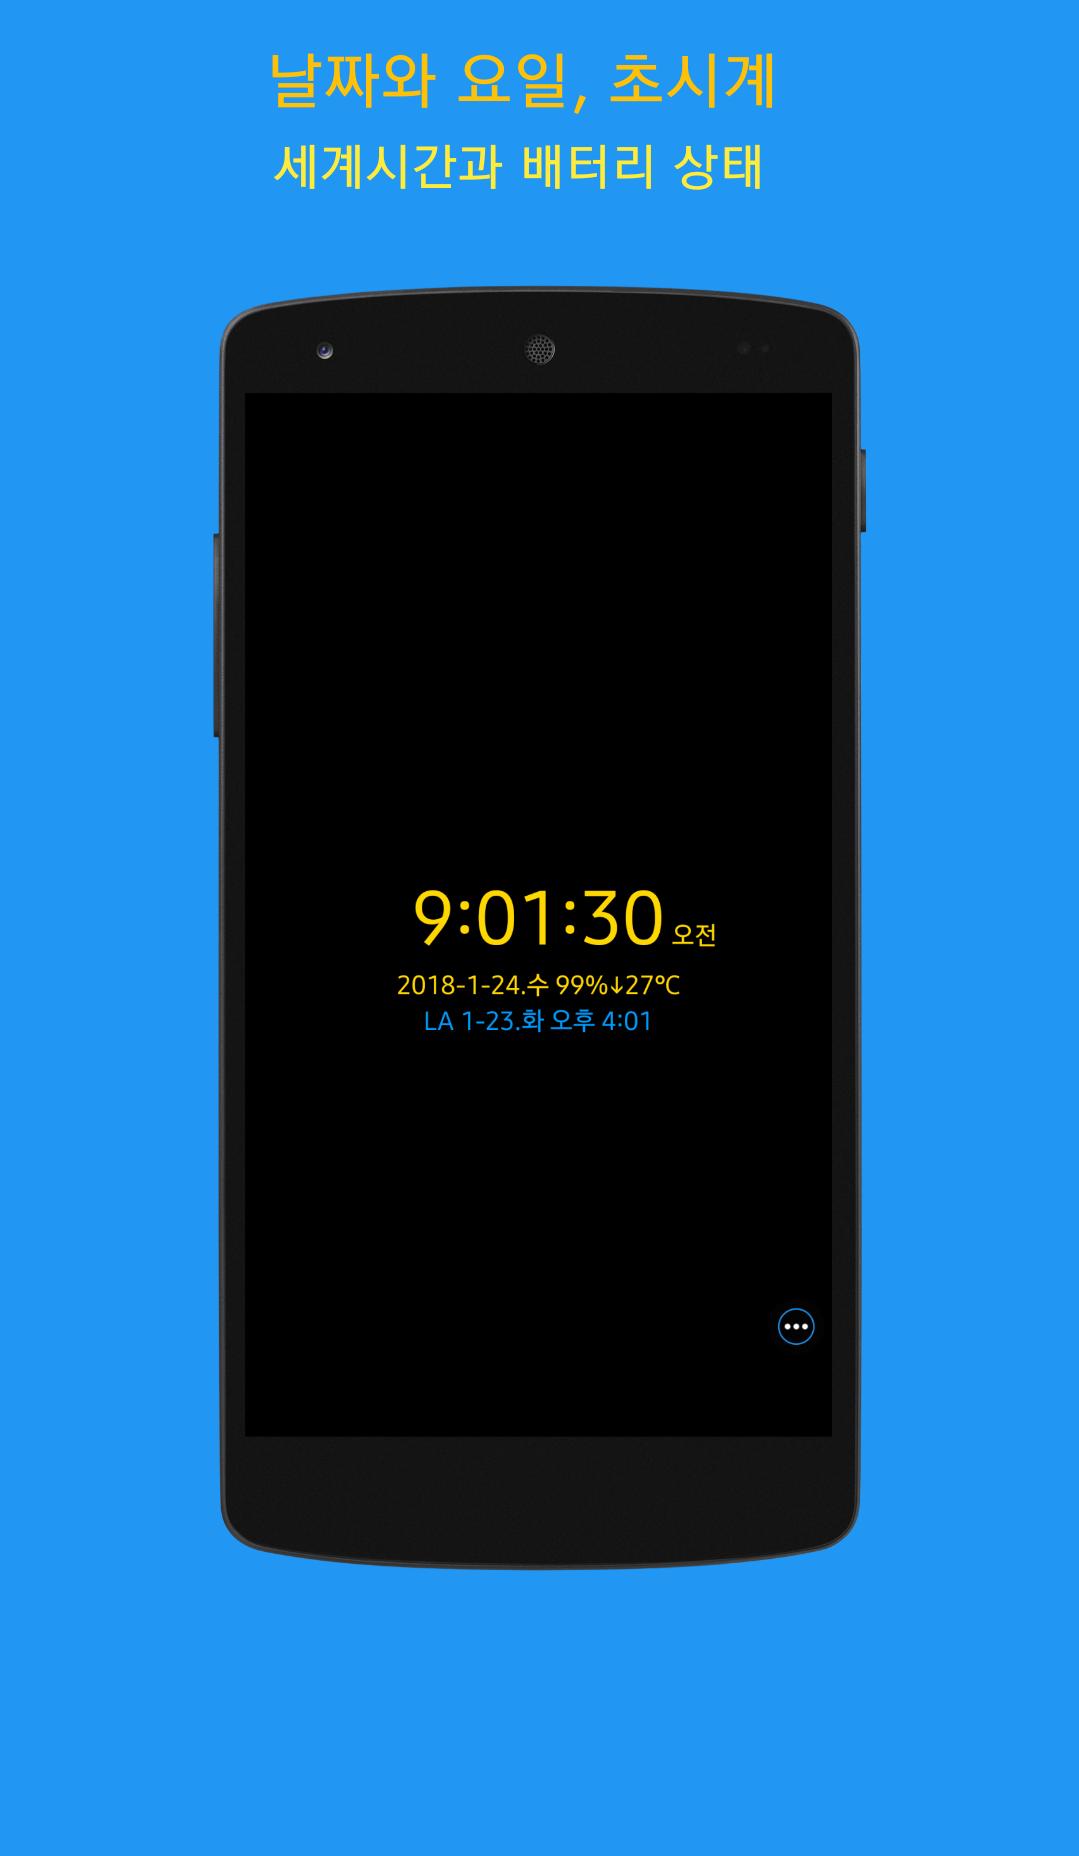 ClockView : 항상표시ㆍ말하는 알람 시계